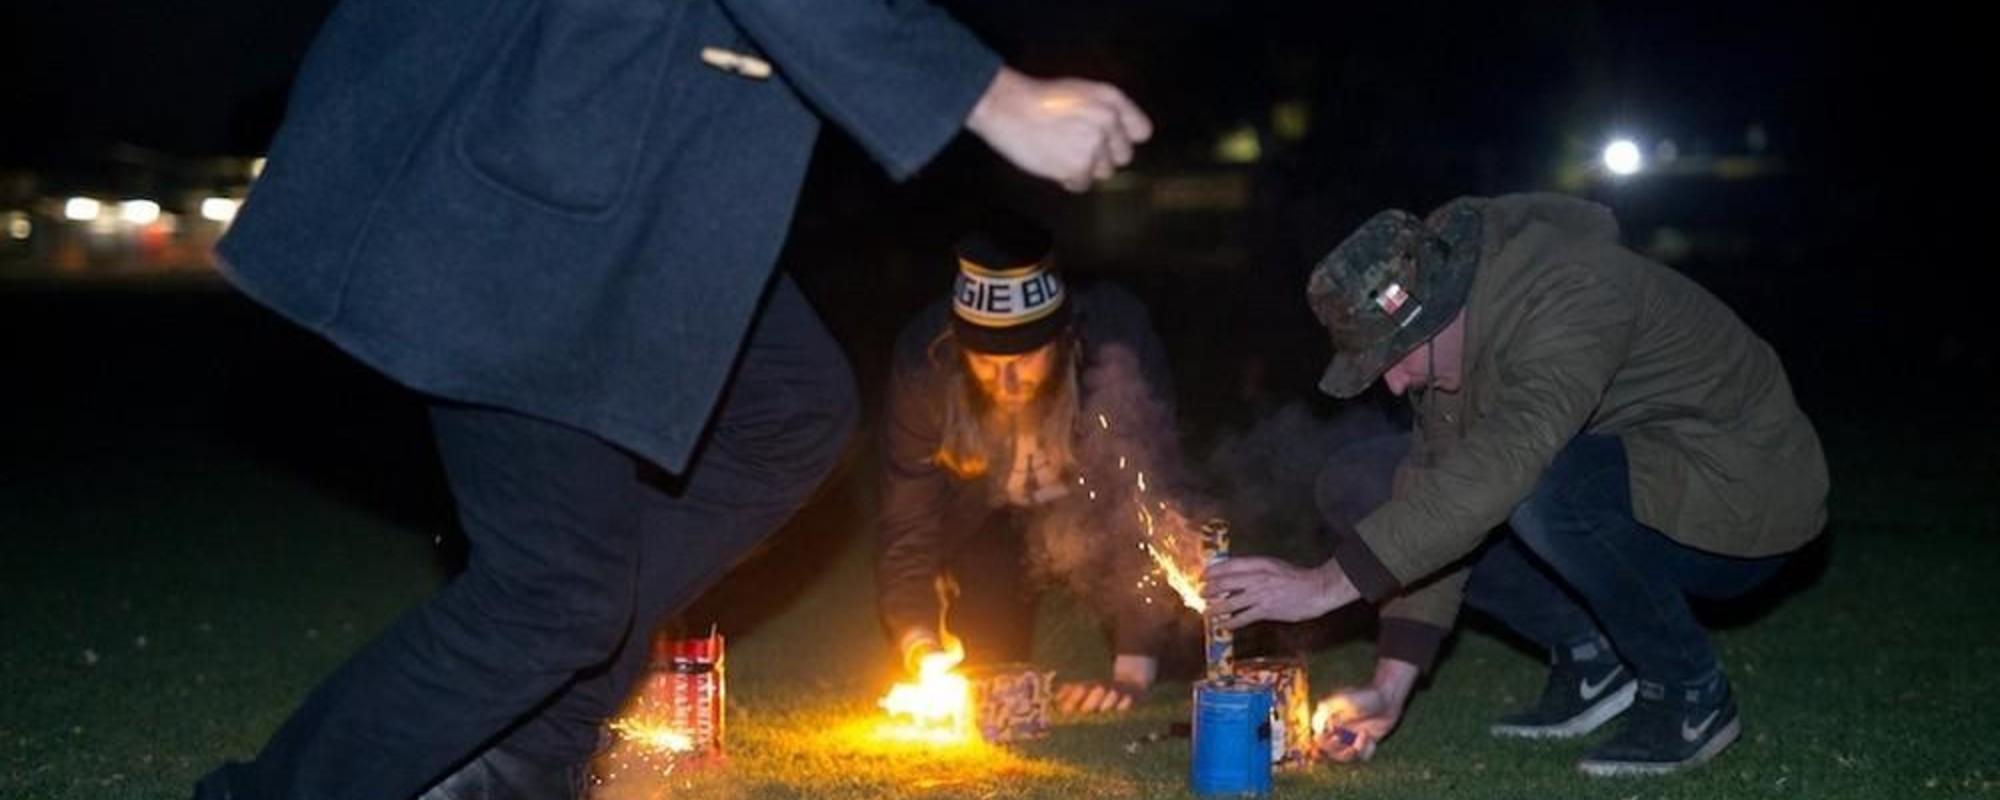 Explodindo Tudo para Comemorar o Dia do Território do Norte na Austrália